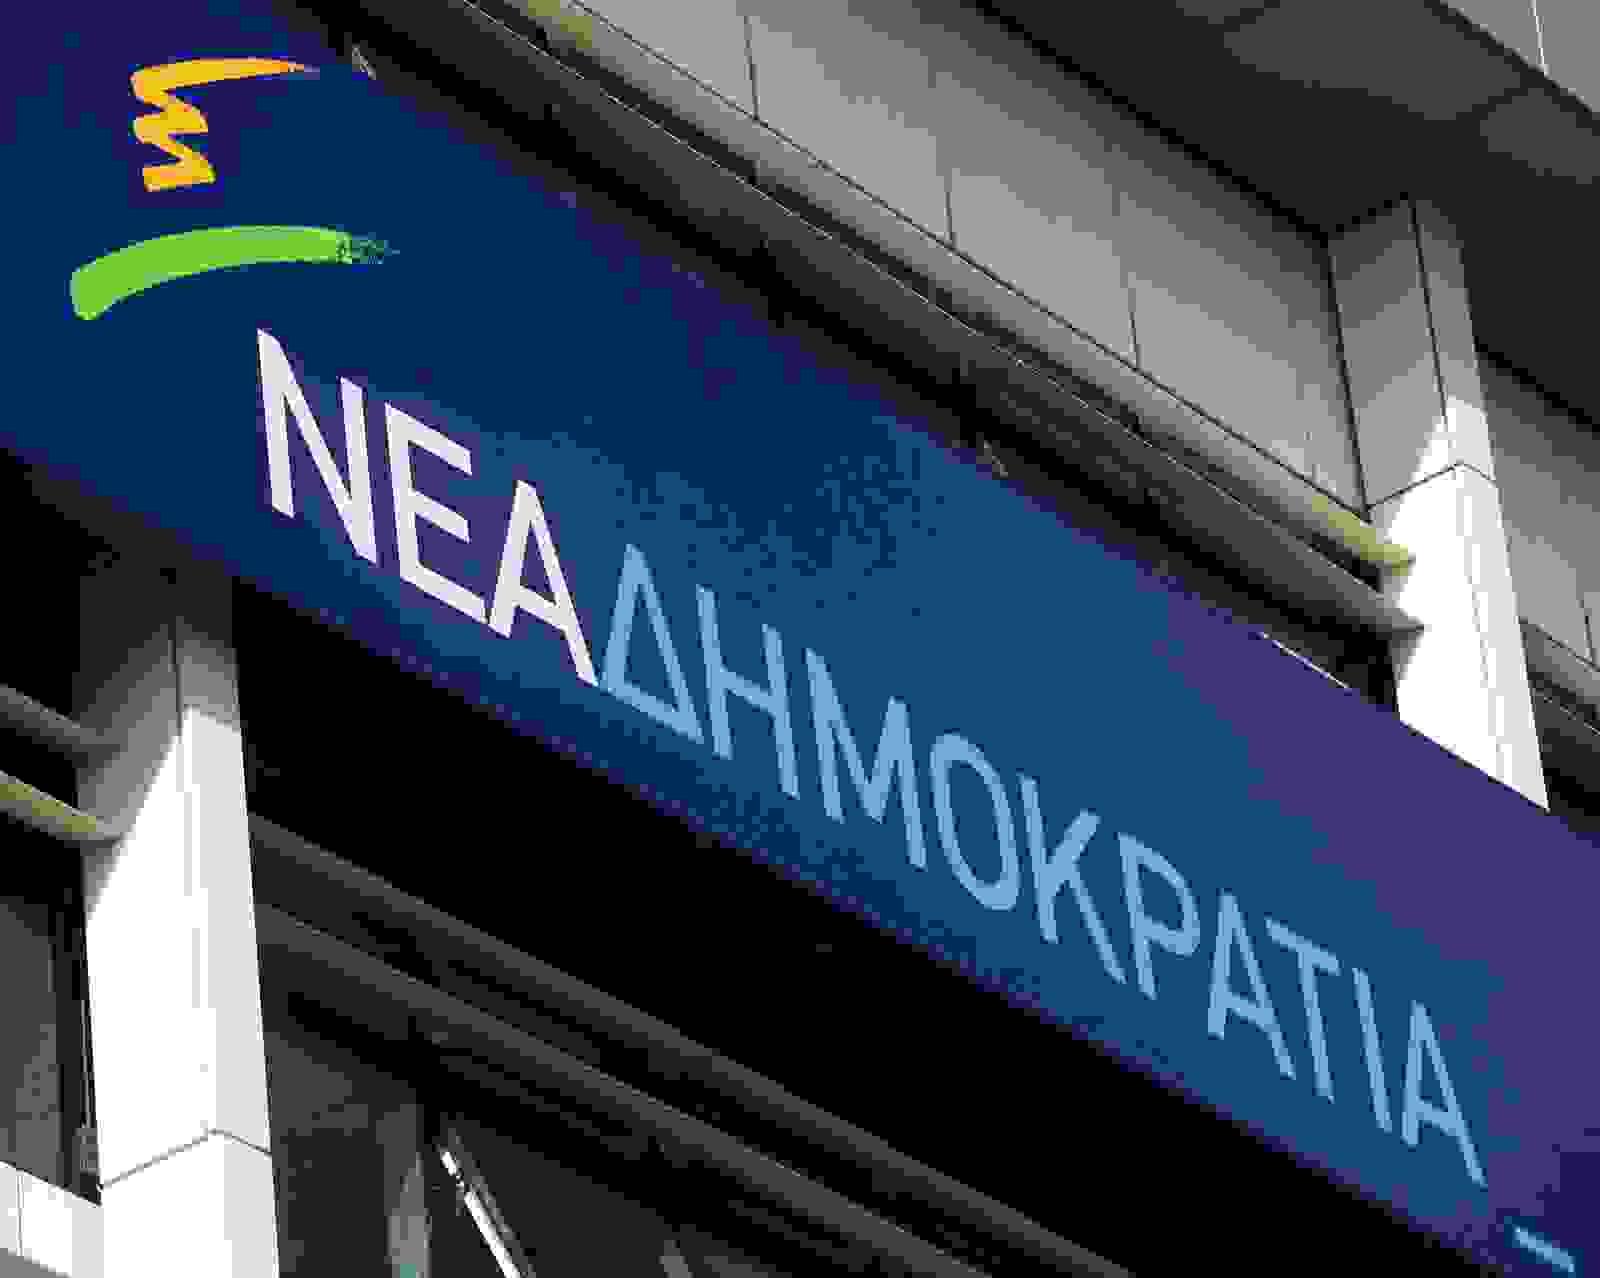 Nd NEA DHMOKRATIA